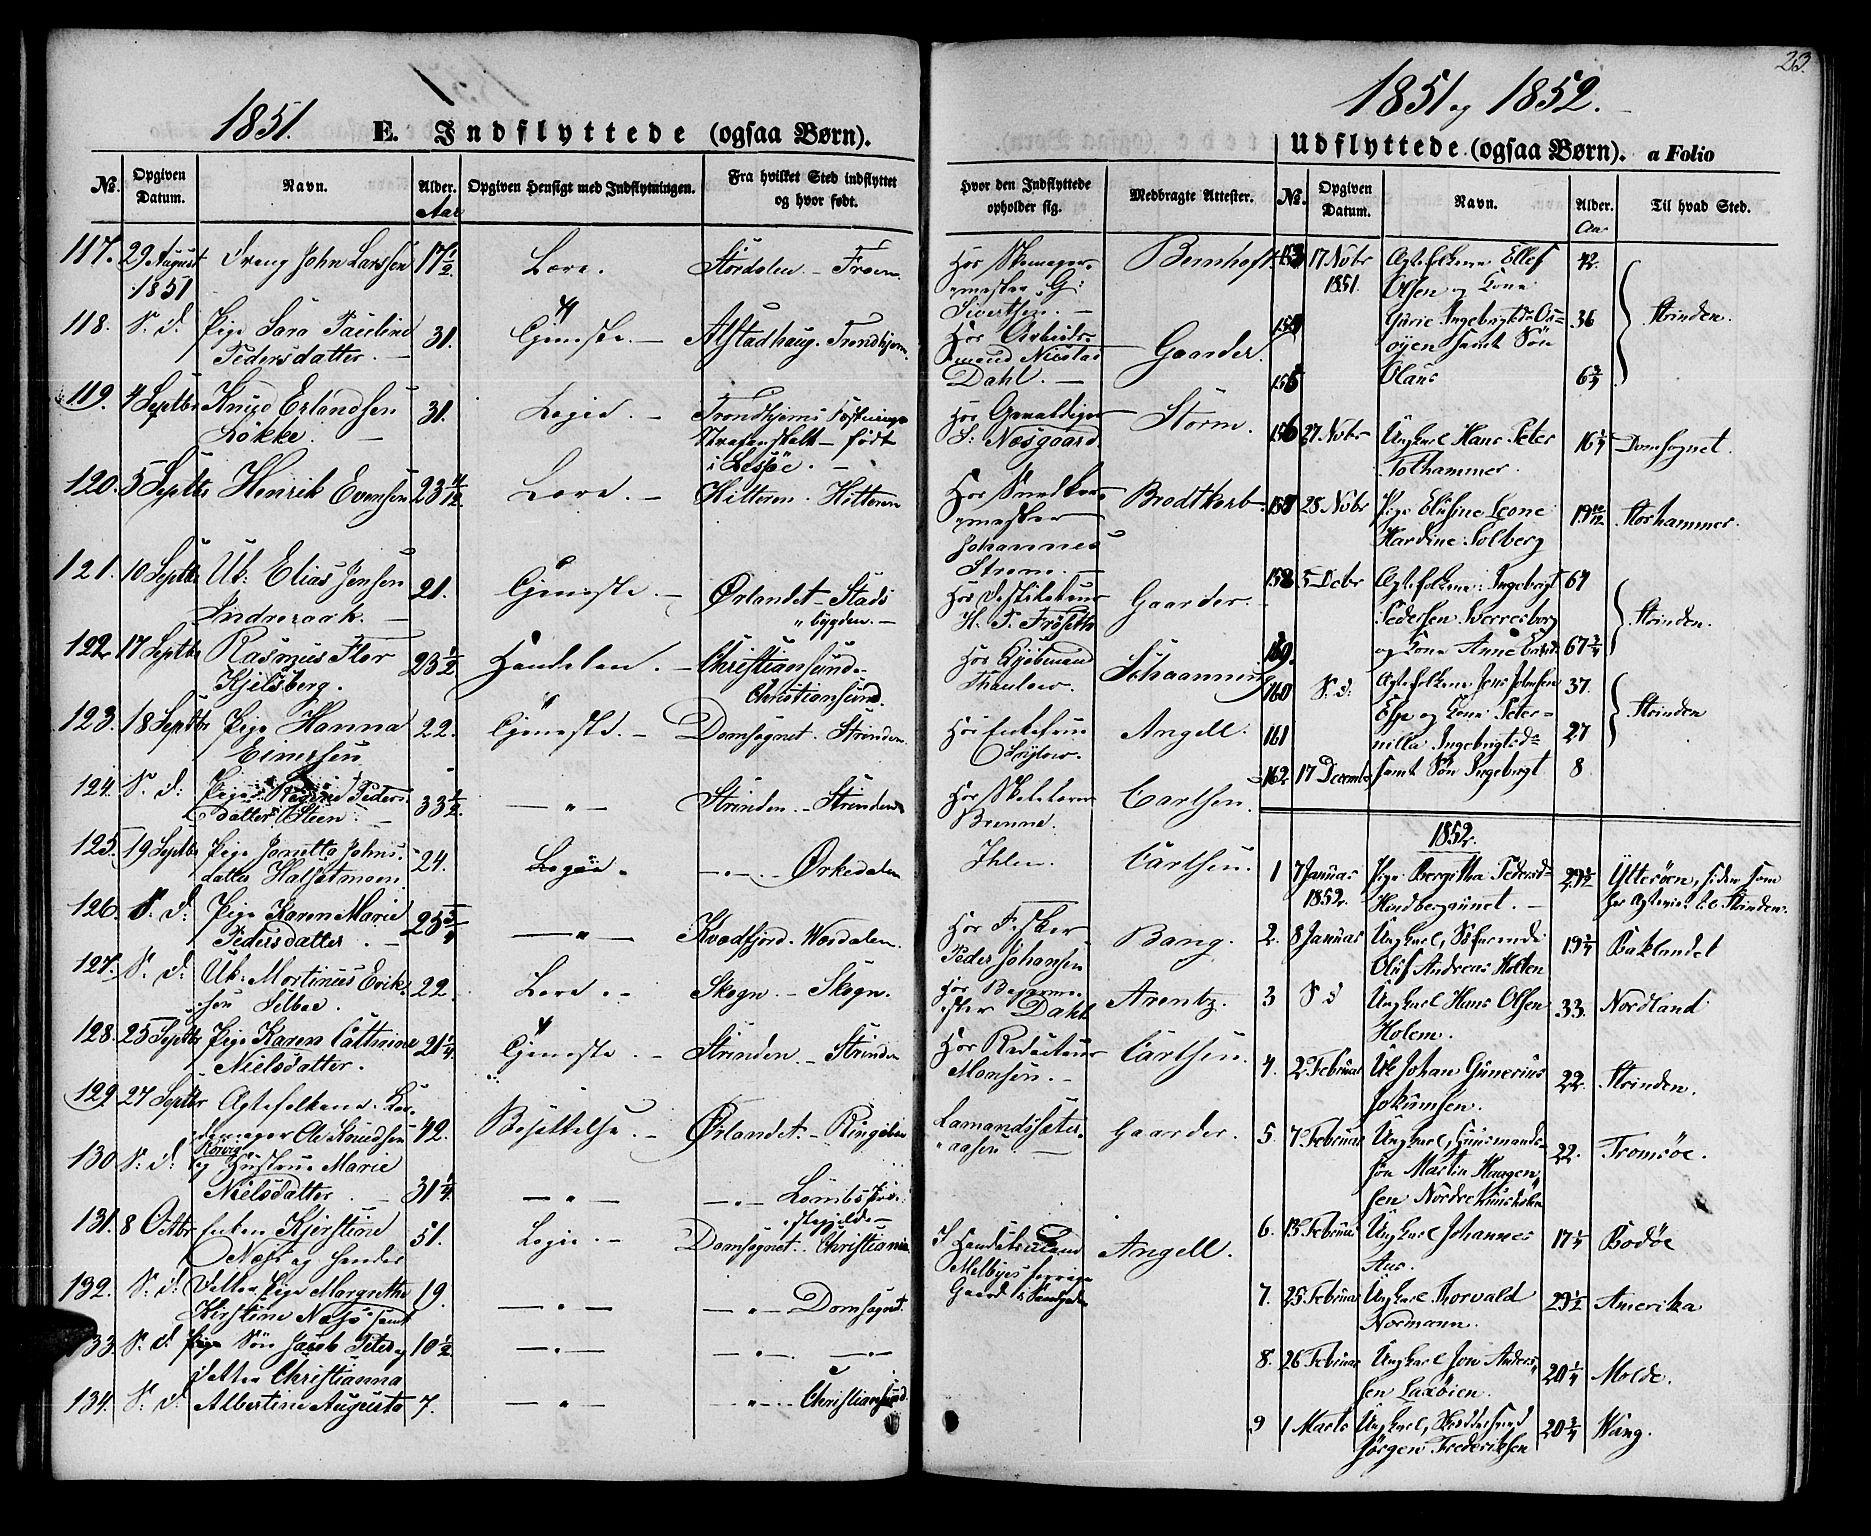 SAT, Ministerialprotokoller, klokkerbøker og fødselsregistre - Sør-Trøndelag, 602/L0113: Ministerialbok nr. 602A11, 1849-1861, s. 23